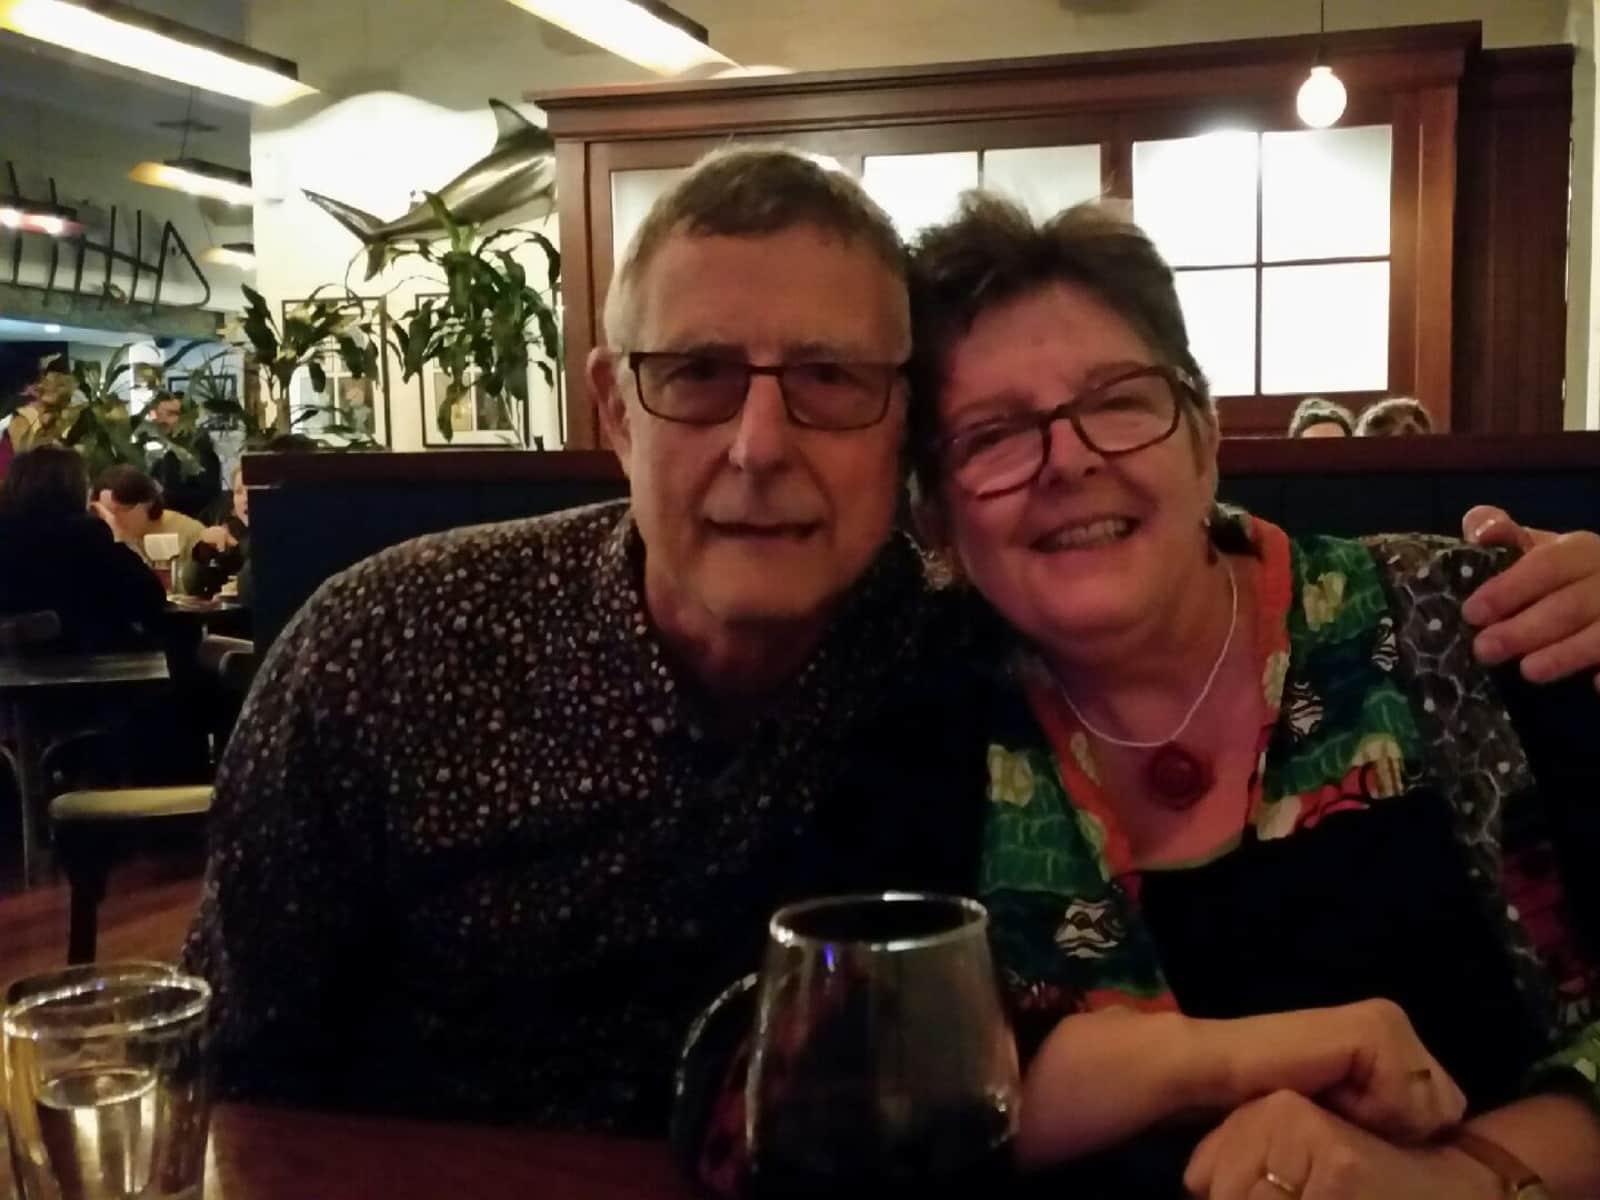 Tony & Sally from Beaconsfield, Western Australia, Australia